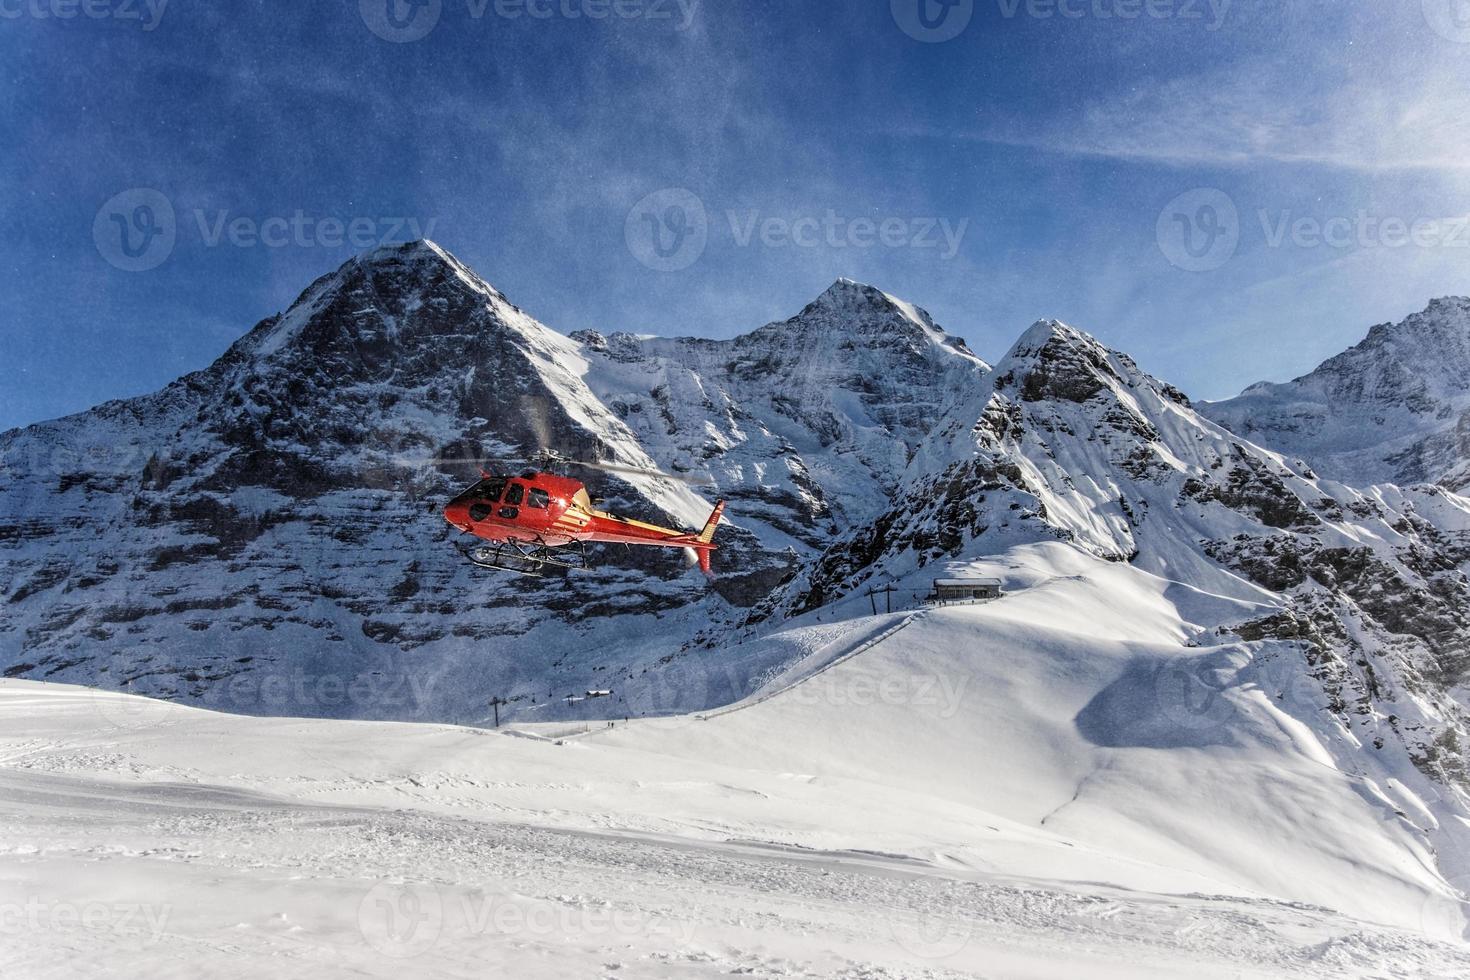 Roter Hubschrauber landet im Schweizer Skigebiet in der Nähe des Jungfrau Mountai foto